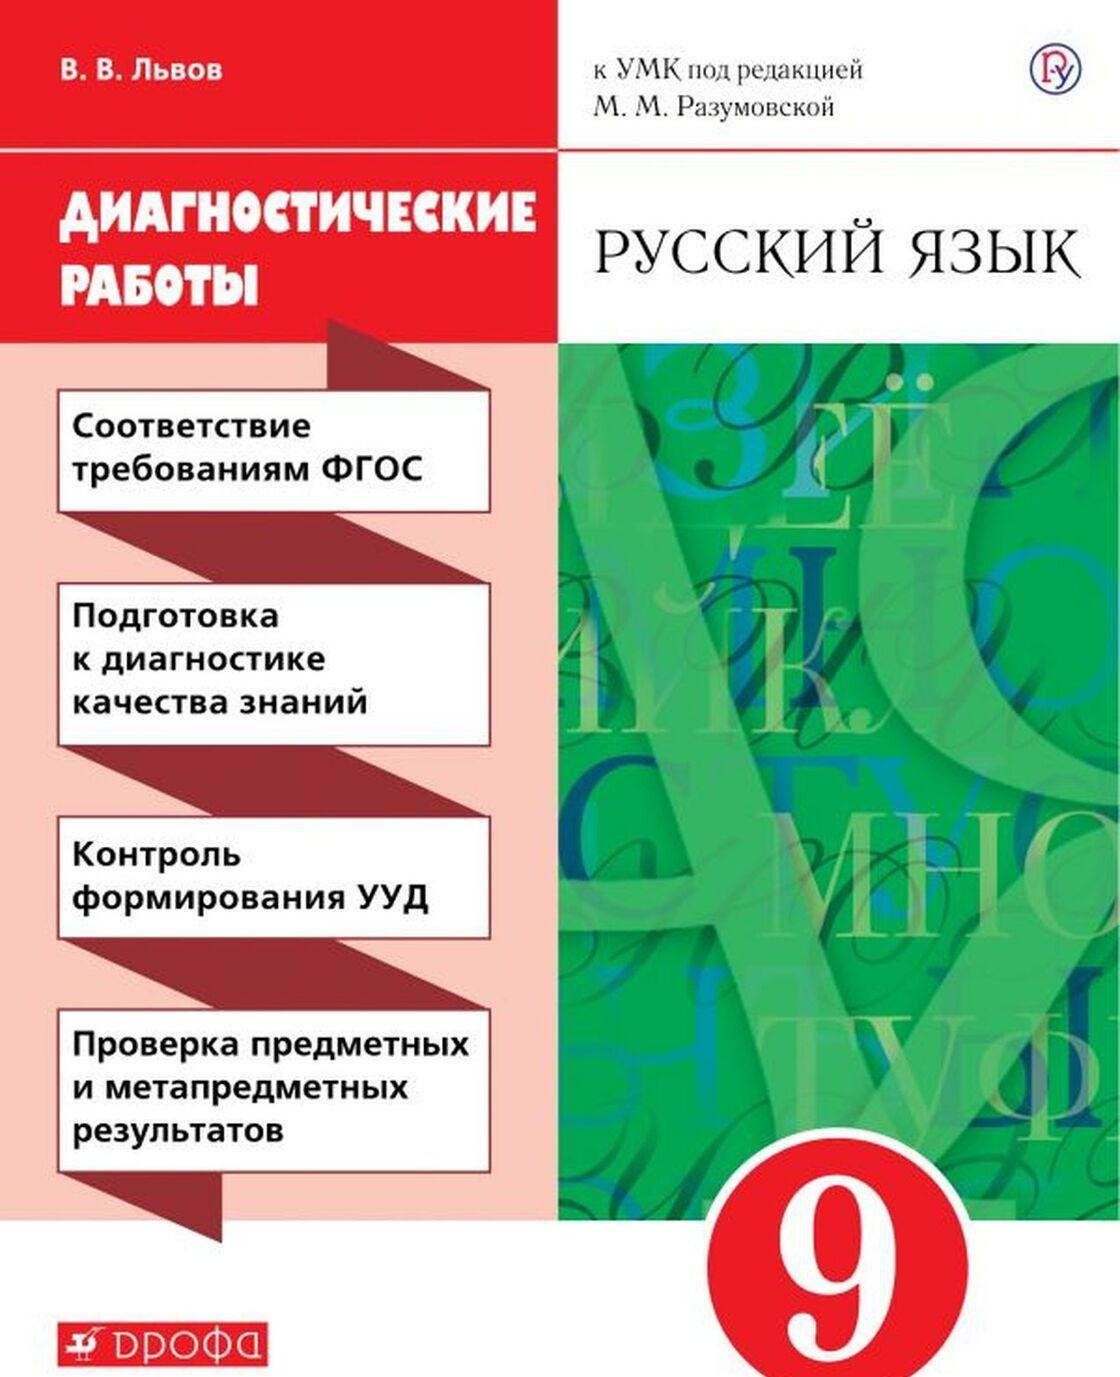 Russkij jazyk. 9 klass. Diagnosticheskie raboty. K UMK pod redaktsiej M. M. Razumovskoj | Lvov Valentin Vitalevich